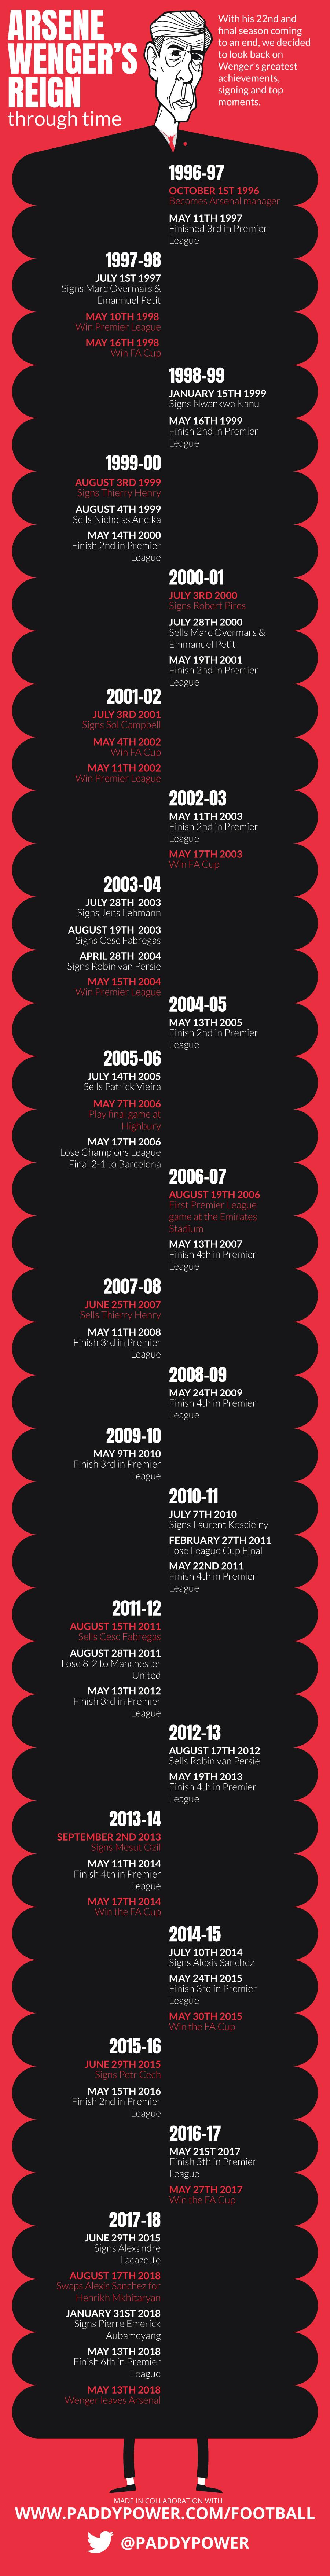 Arsene Wenger infographic